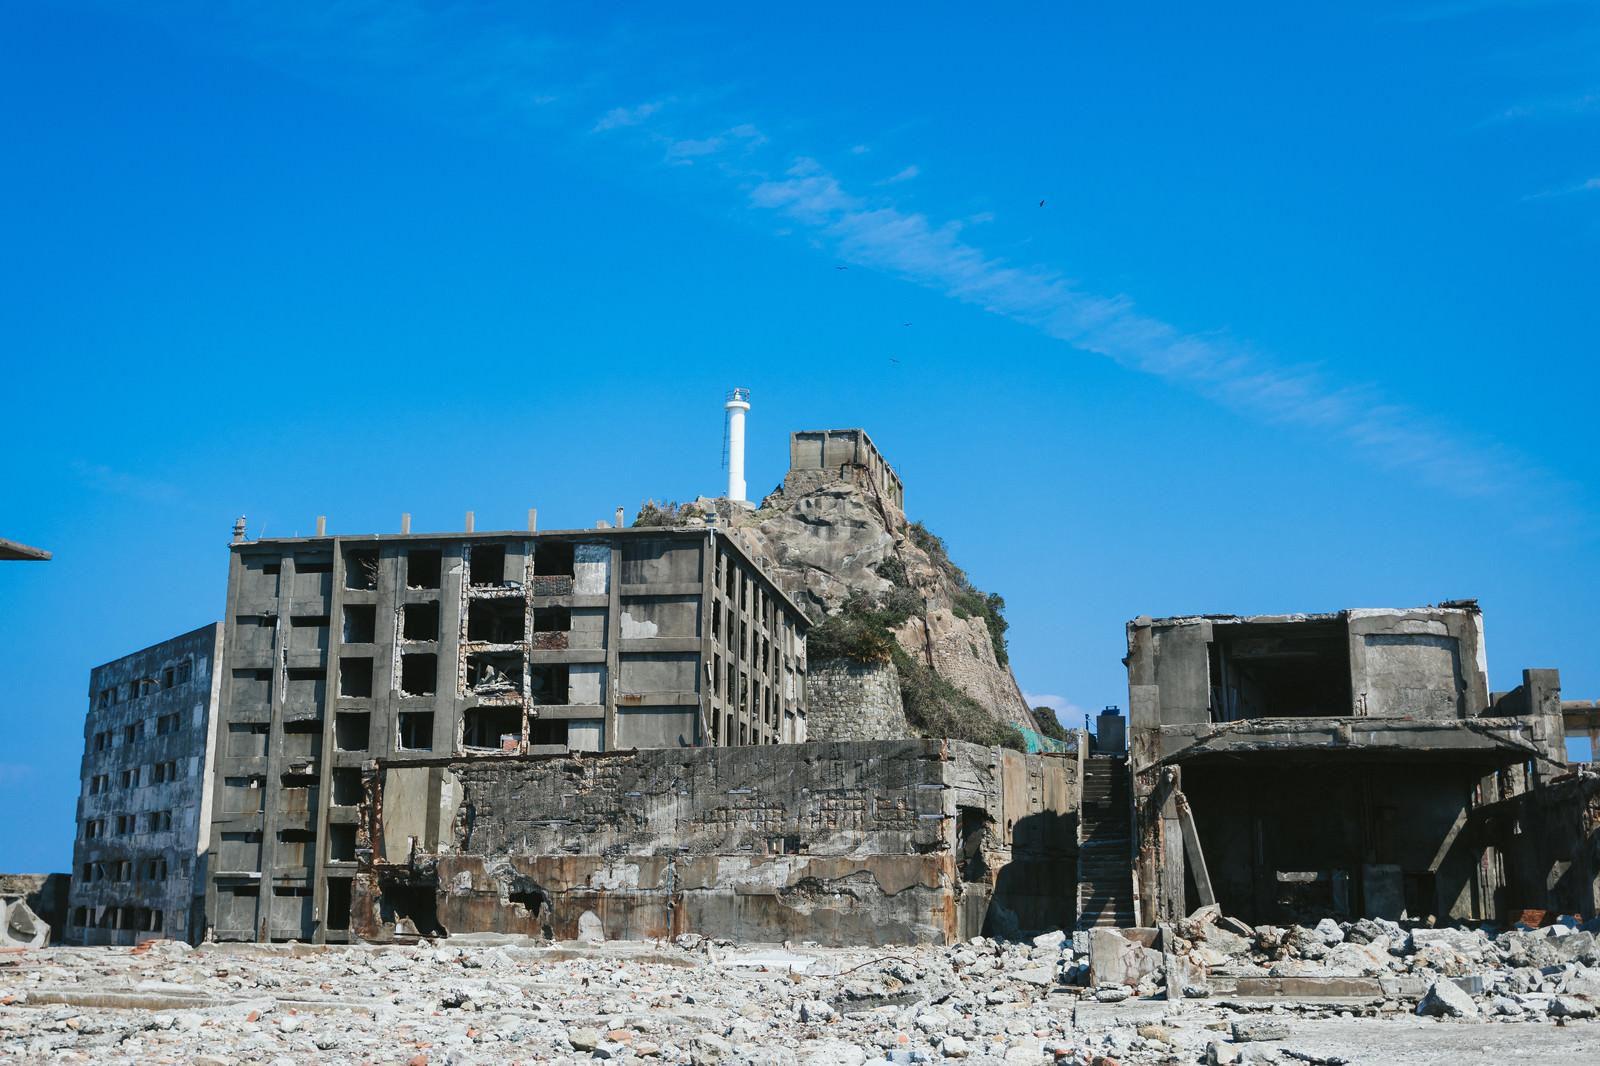 「第三見学広場から見る肥前端島灯台(軍艦島)」の写真